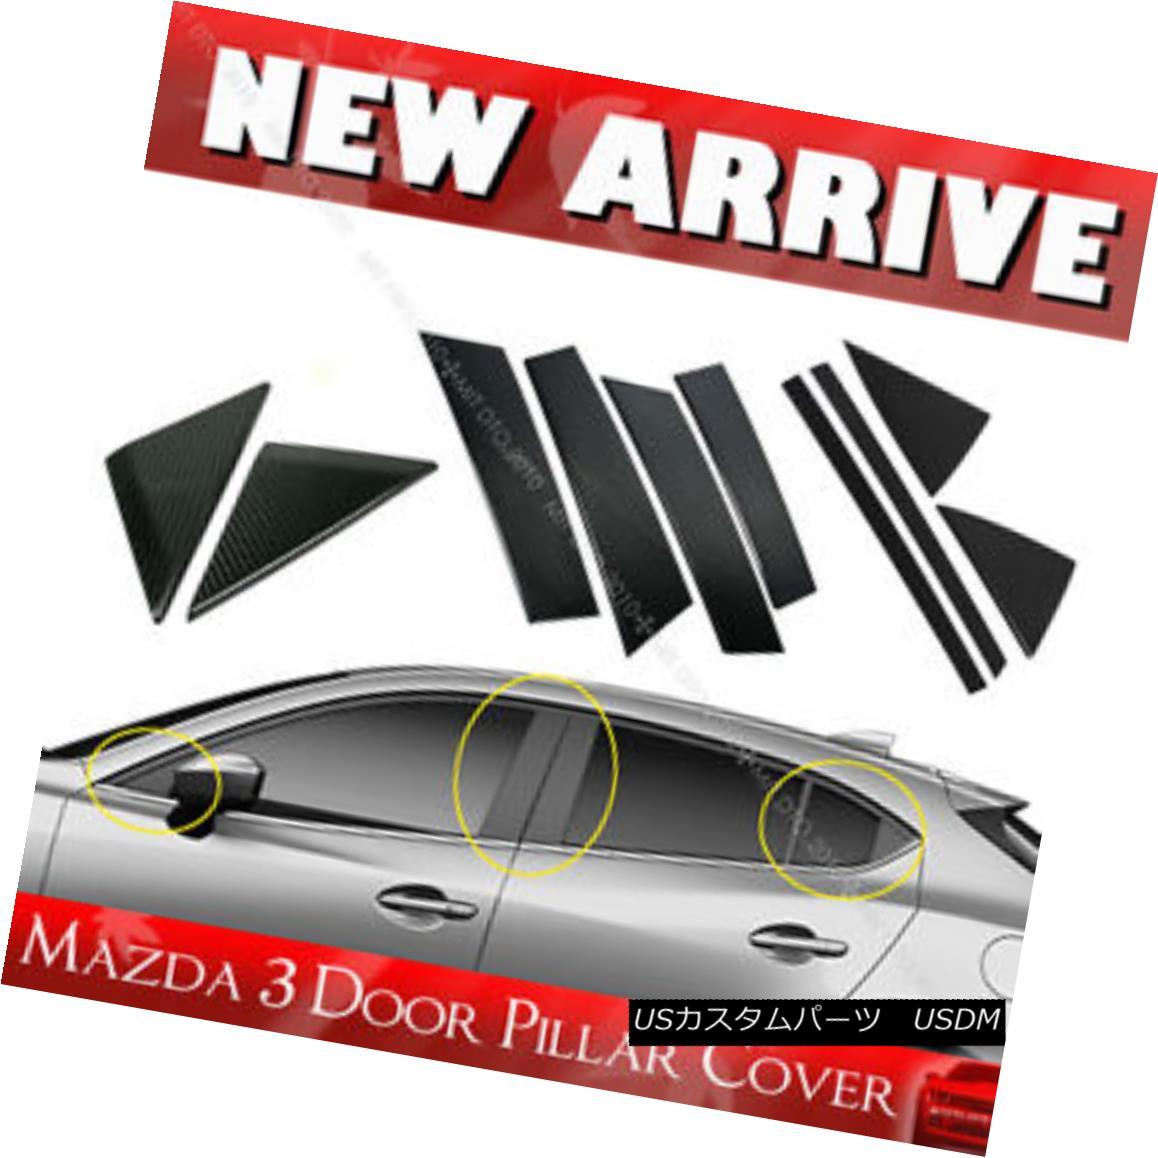 エアロパーツ Carbon For Mazda 3 4D 5D Hatchback Side Pillar Post Cover Cap 14 17 GS GX カーボンマツダ3 4D 5Dハッチバックサイドピラーポストカバーキャップ14 17 GS GX